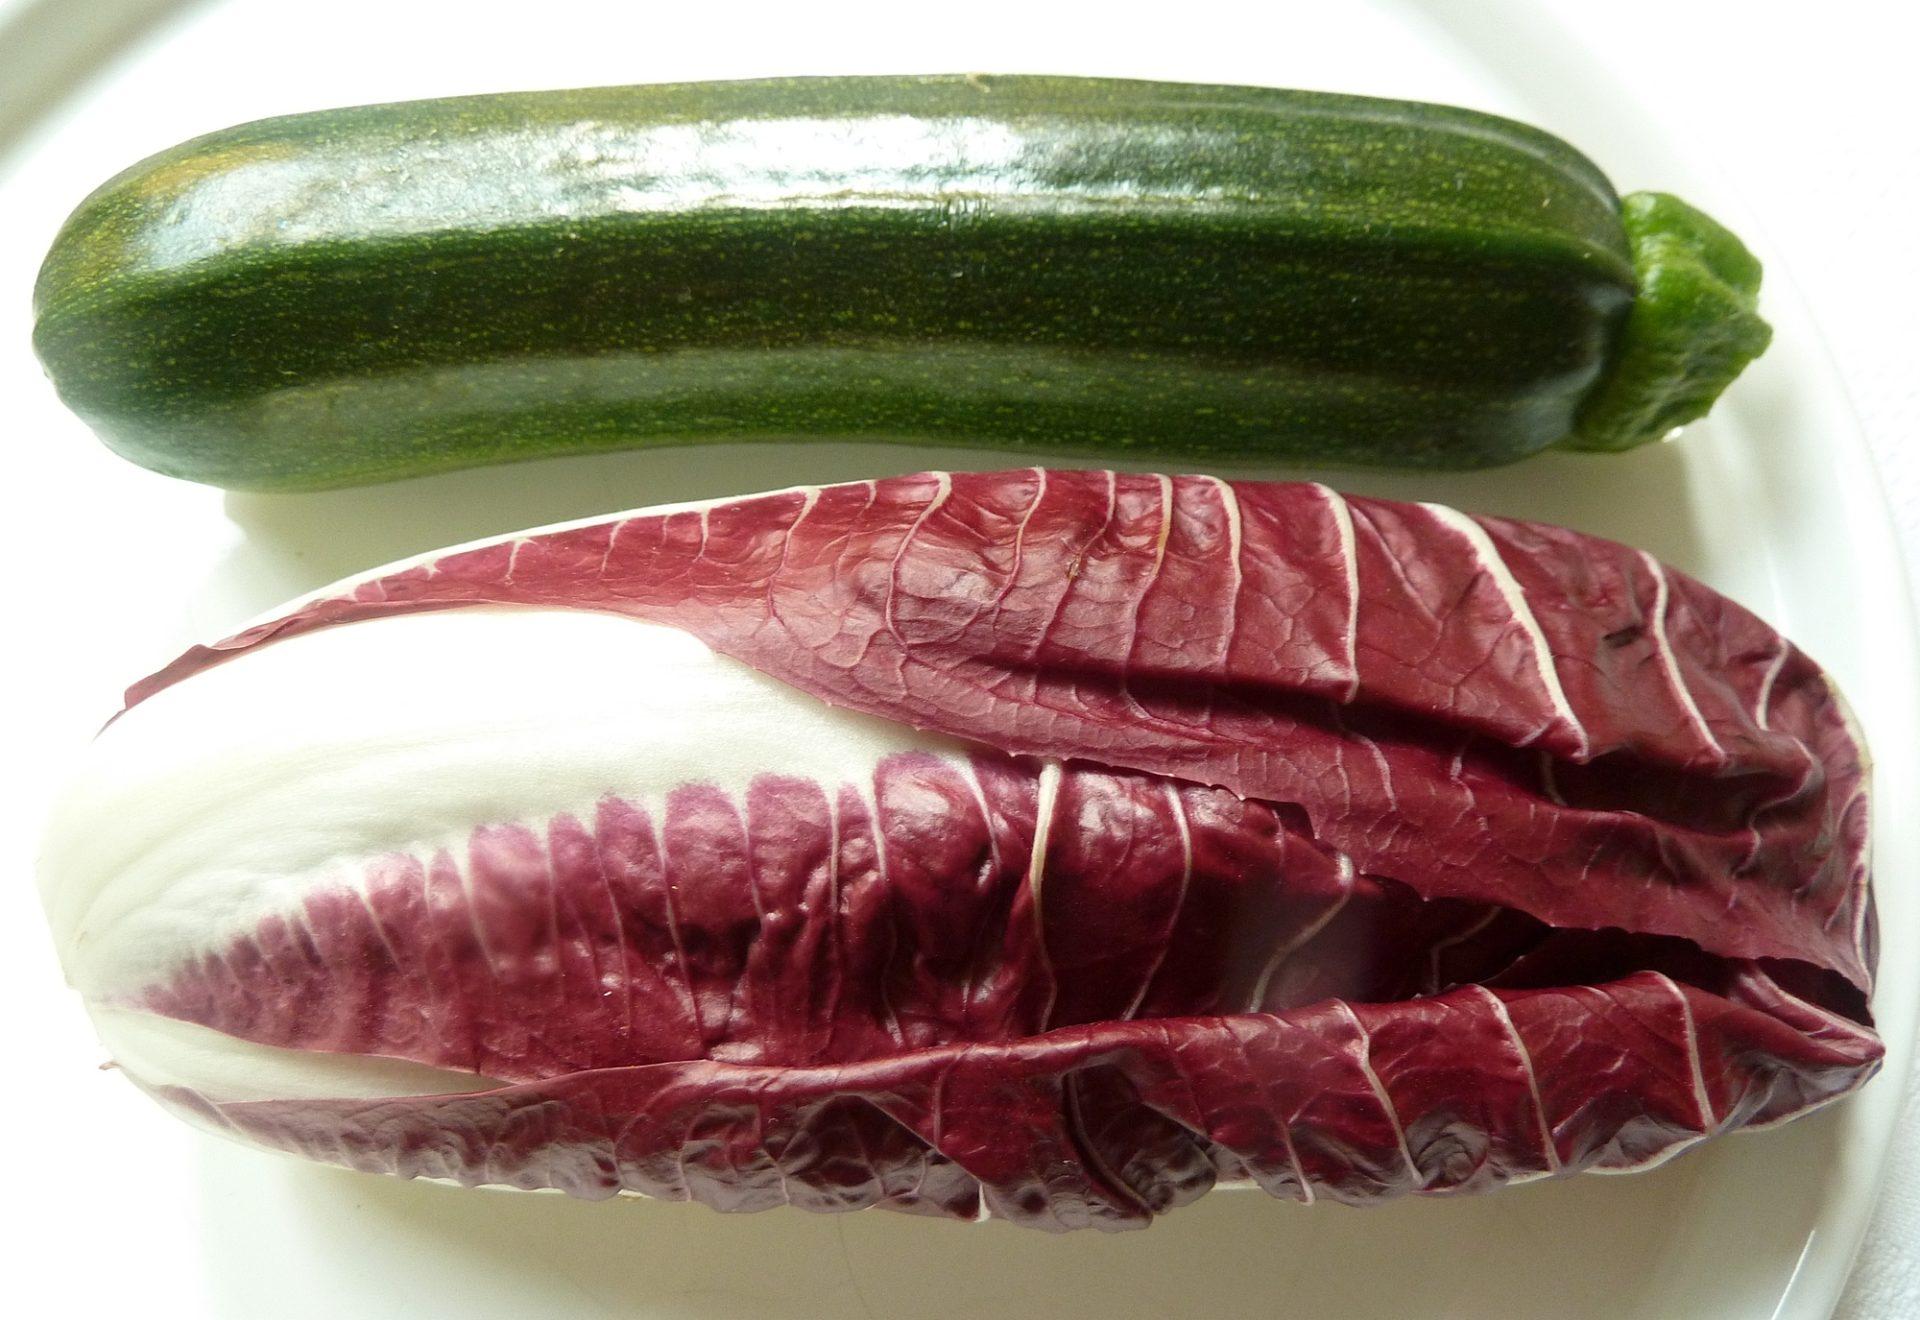 Jakobsmuscheln auf Trevisano-Zucchini Gemüse